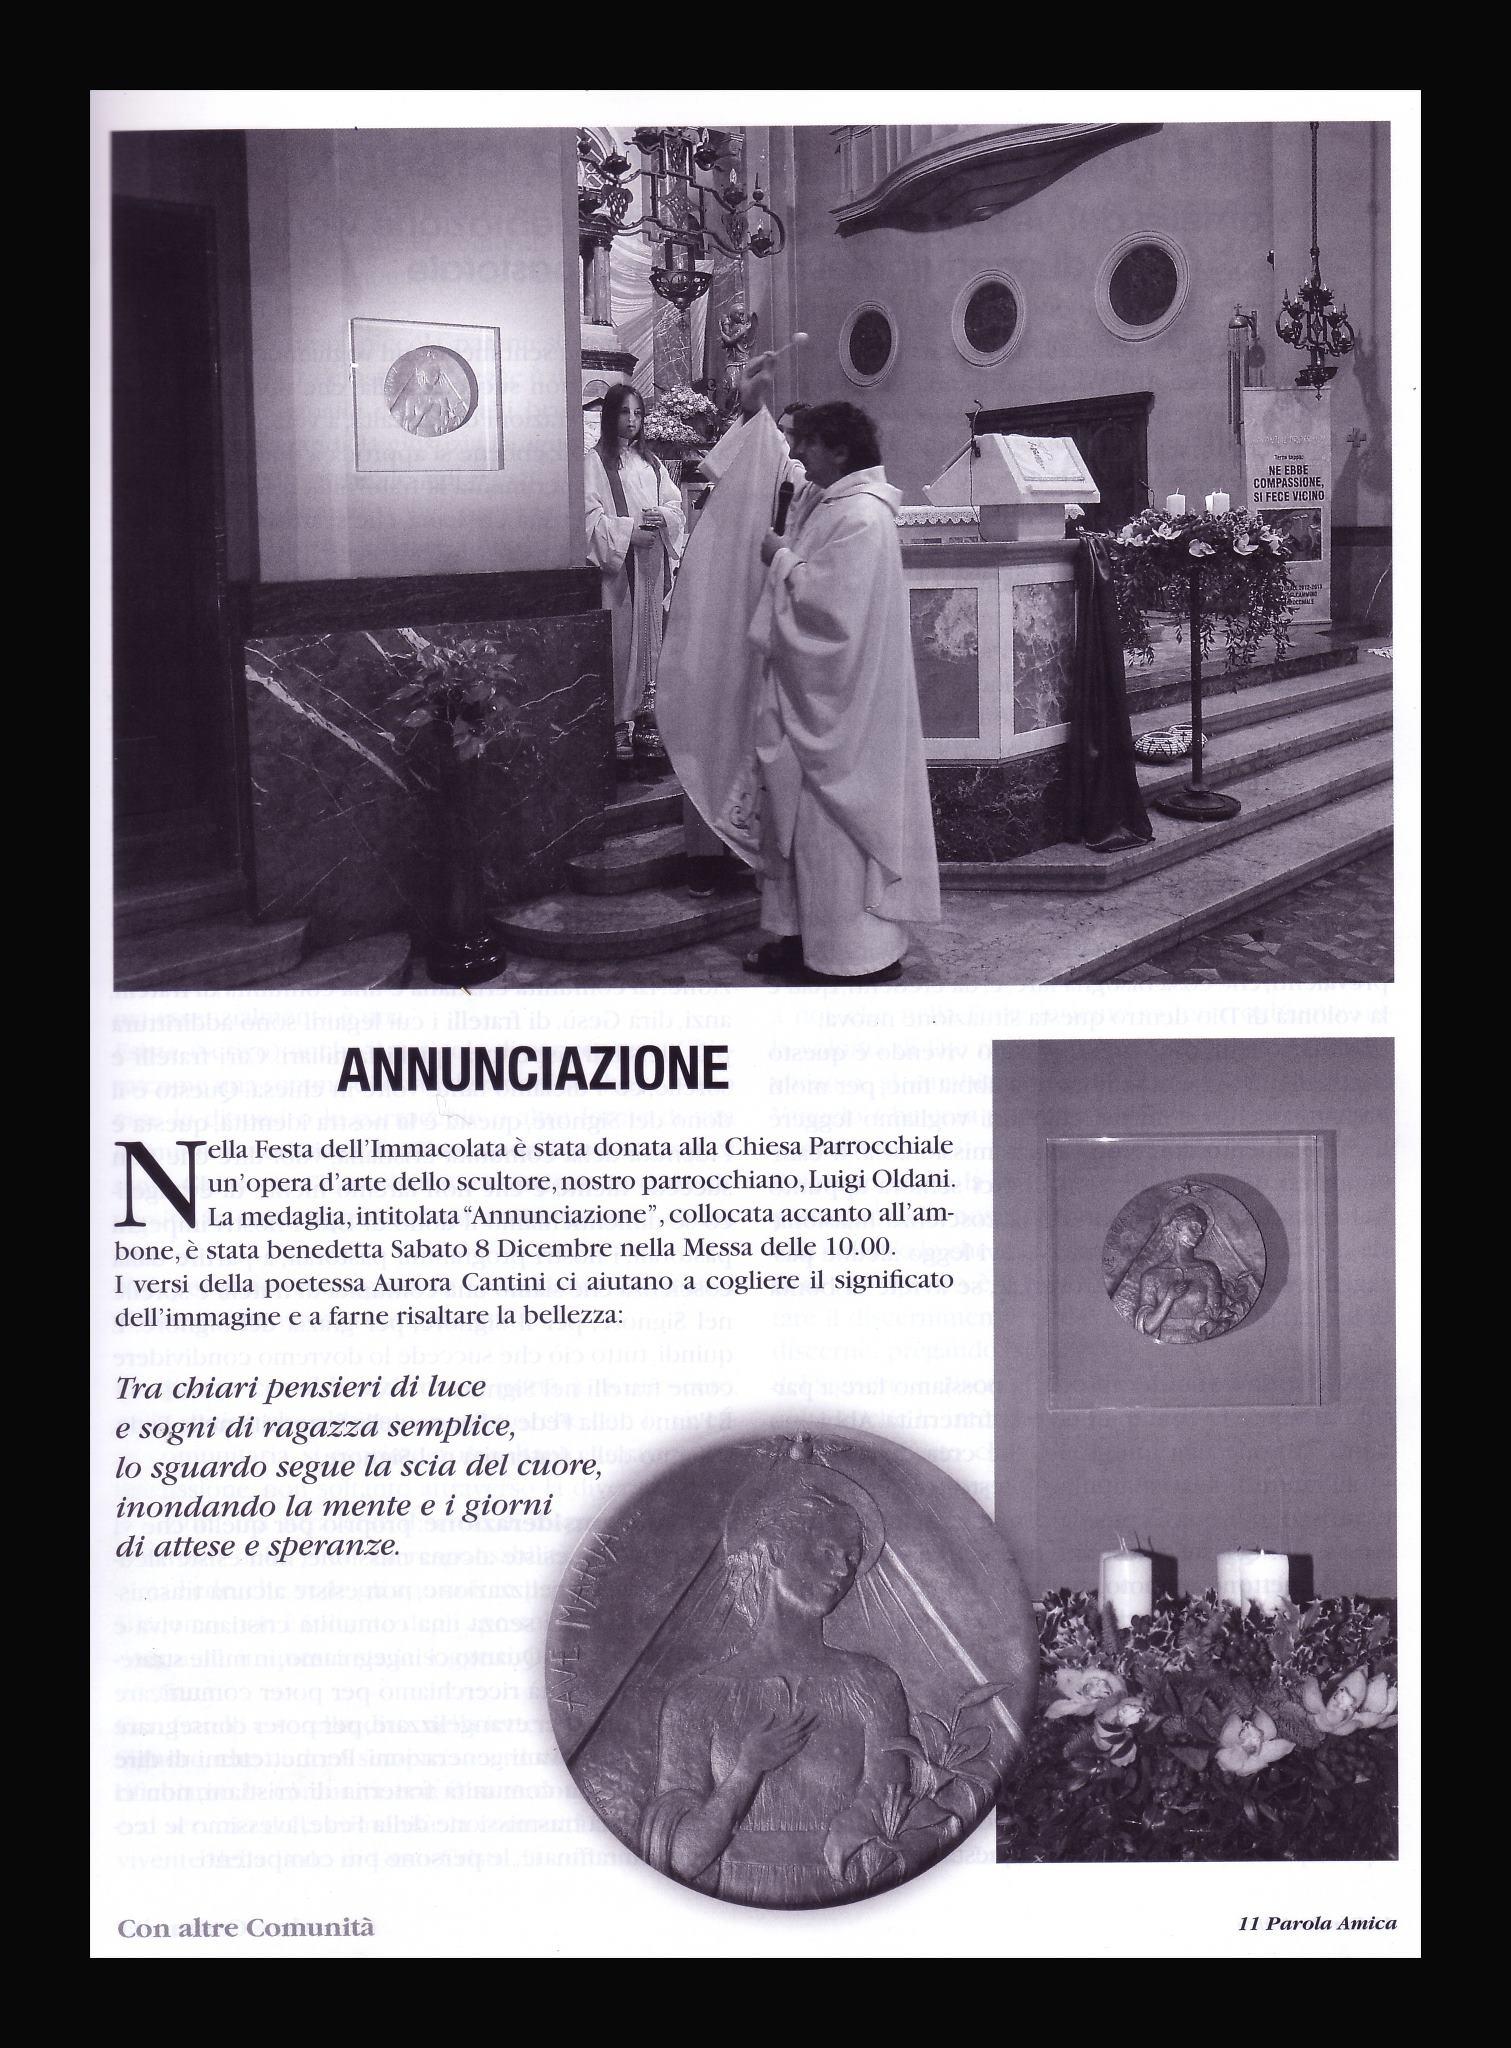 L'Annunciazione dello scultore Luigi Oldani e poesia di Aurora Cantini